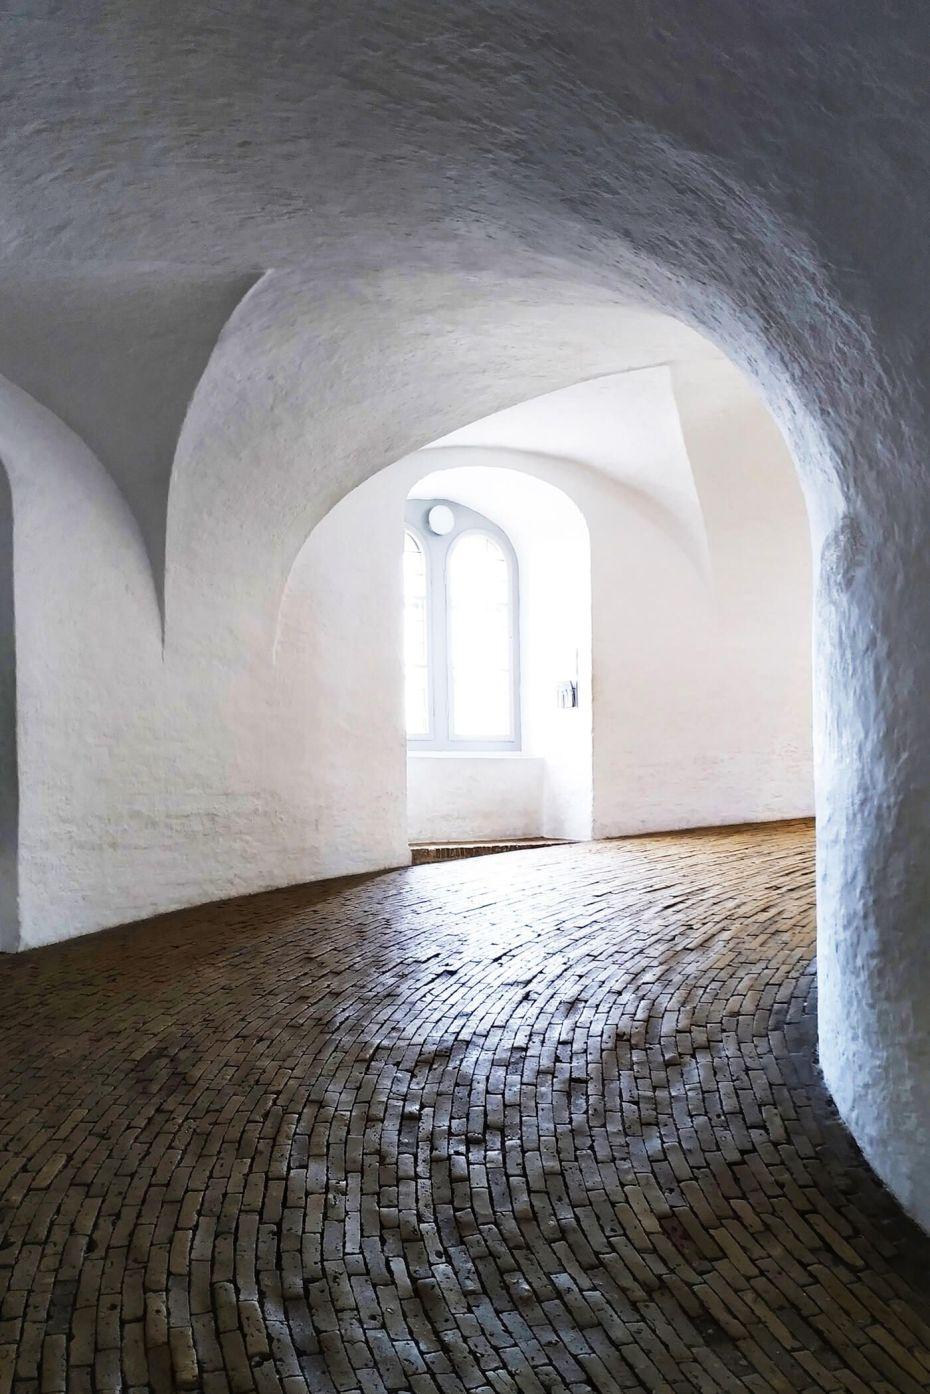 Interior de Rundetårn en Copenhague, Dinamarca